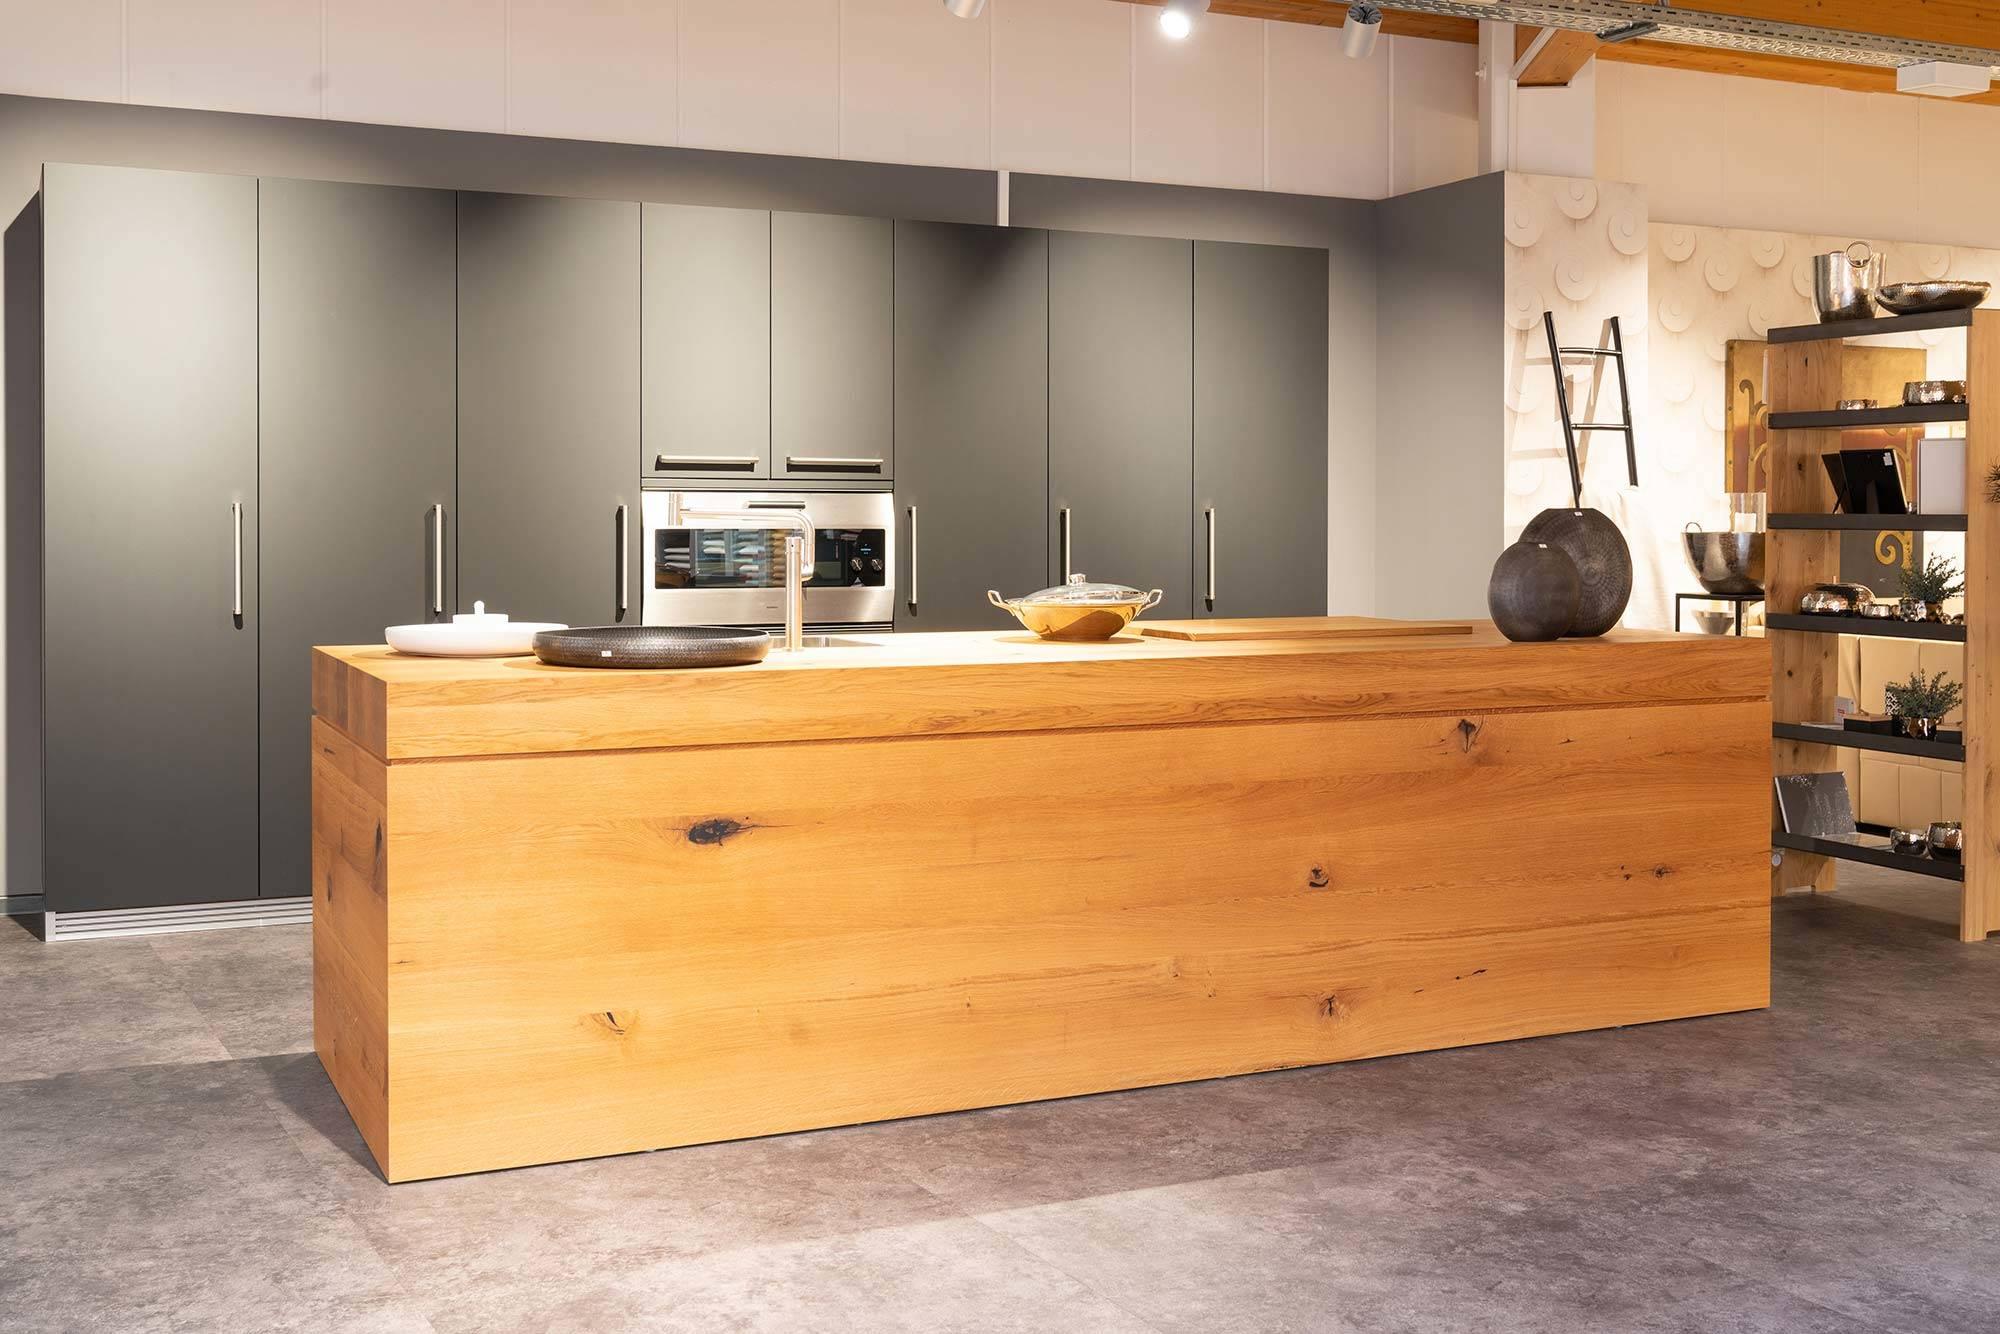 Küche Massivholz Eiche